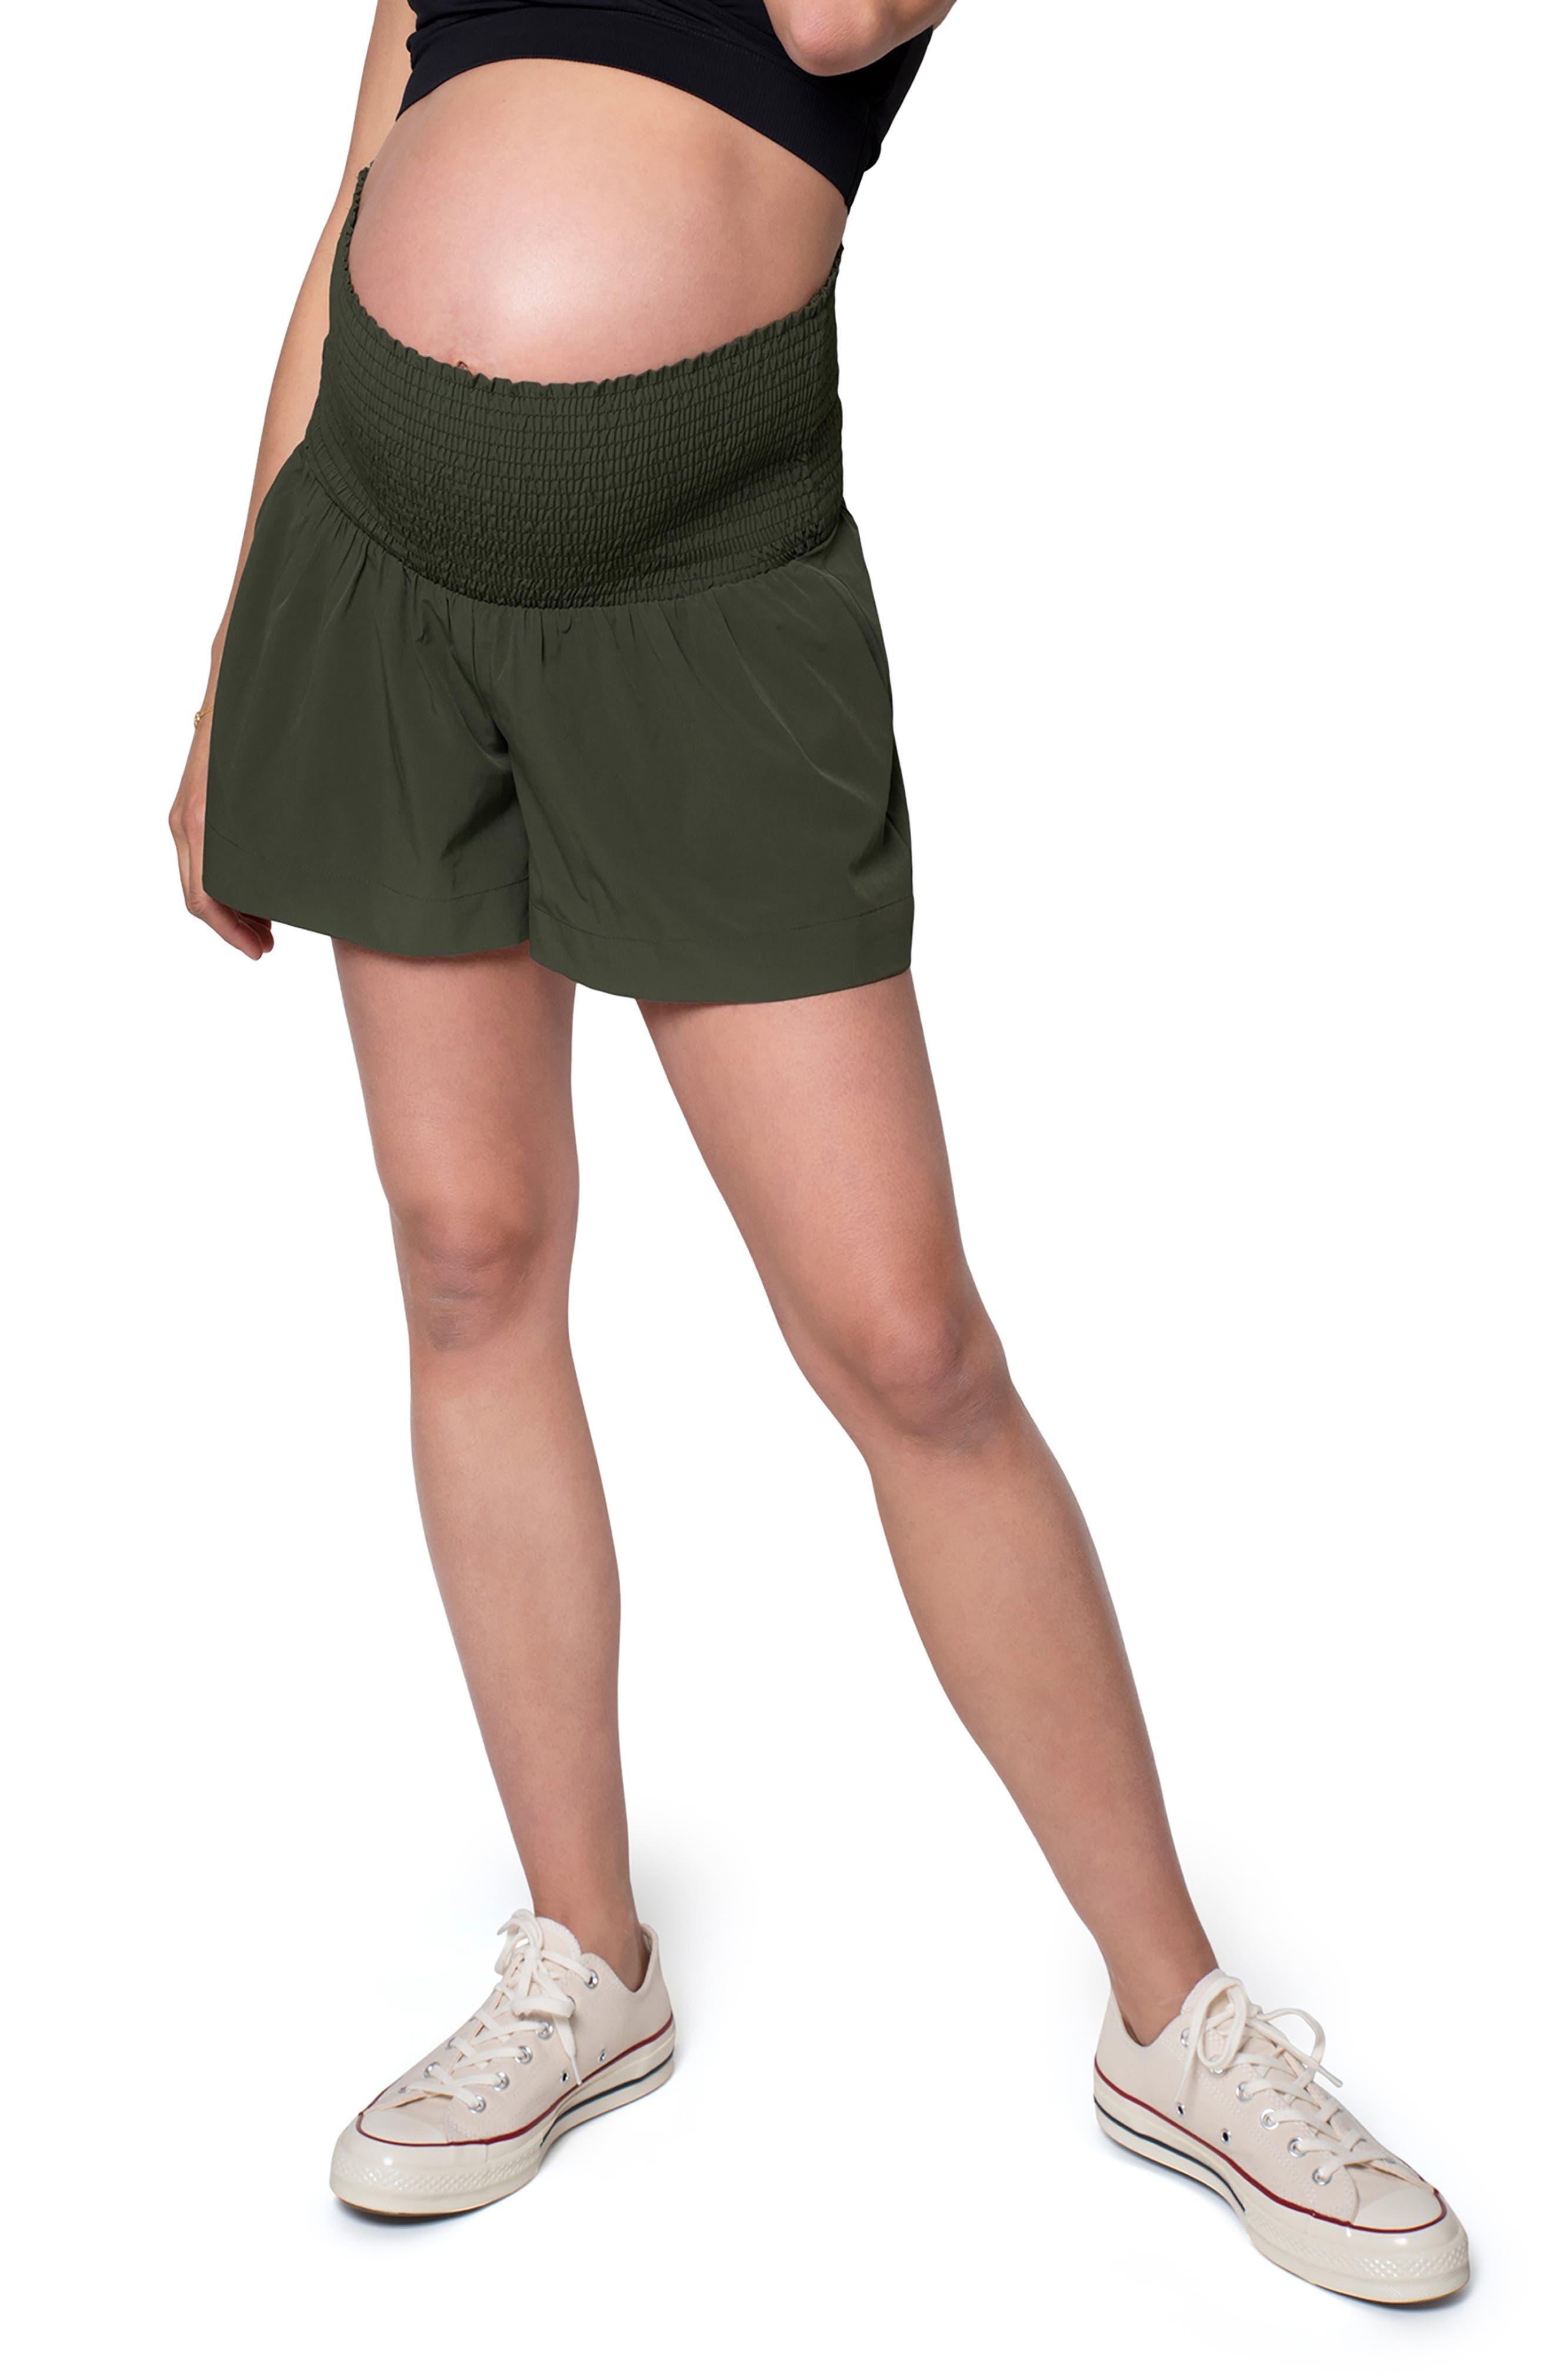 Women's Ingird & Isabel Everywear Smocked Maternity Shorts